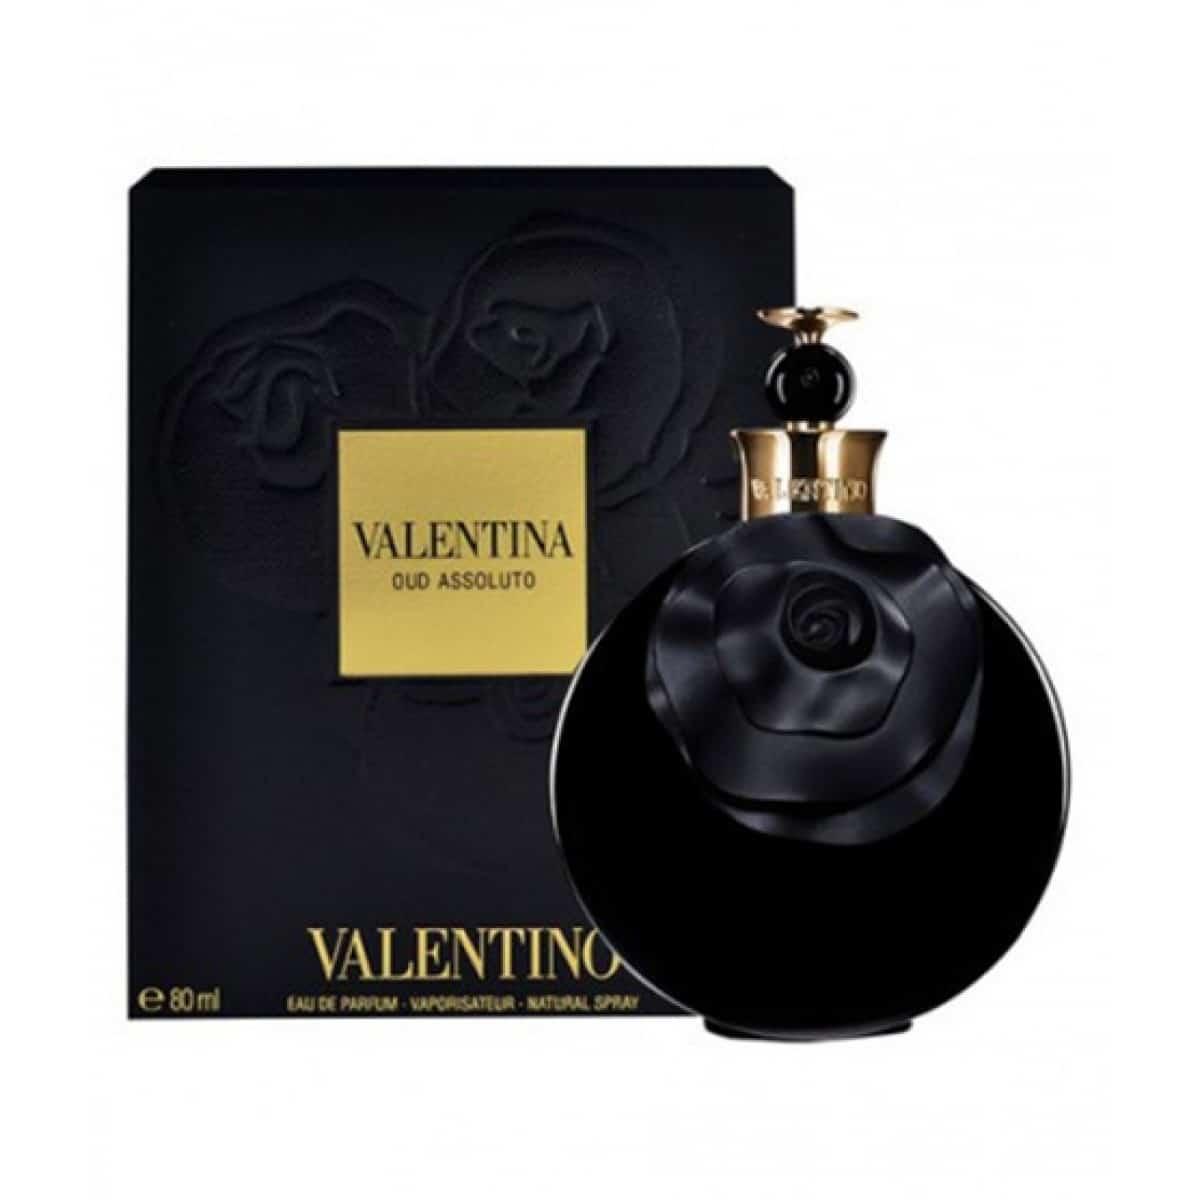 عطر Oud Assoluto من ماركة Valentino Valentina